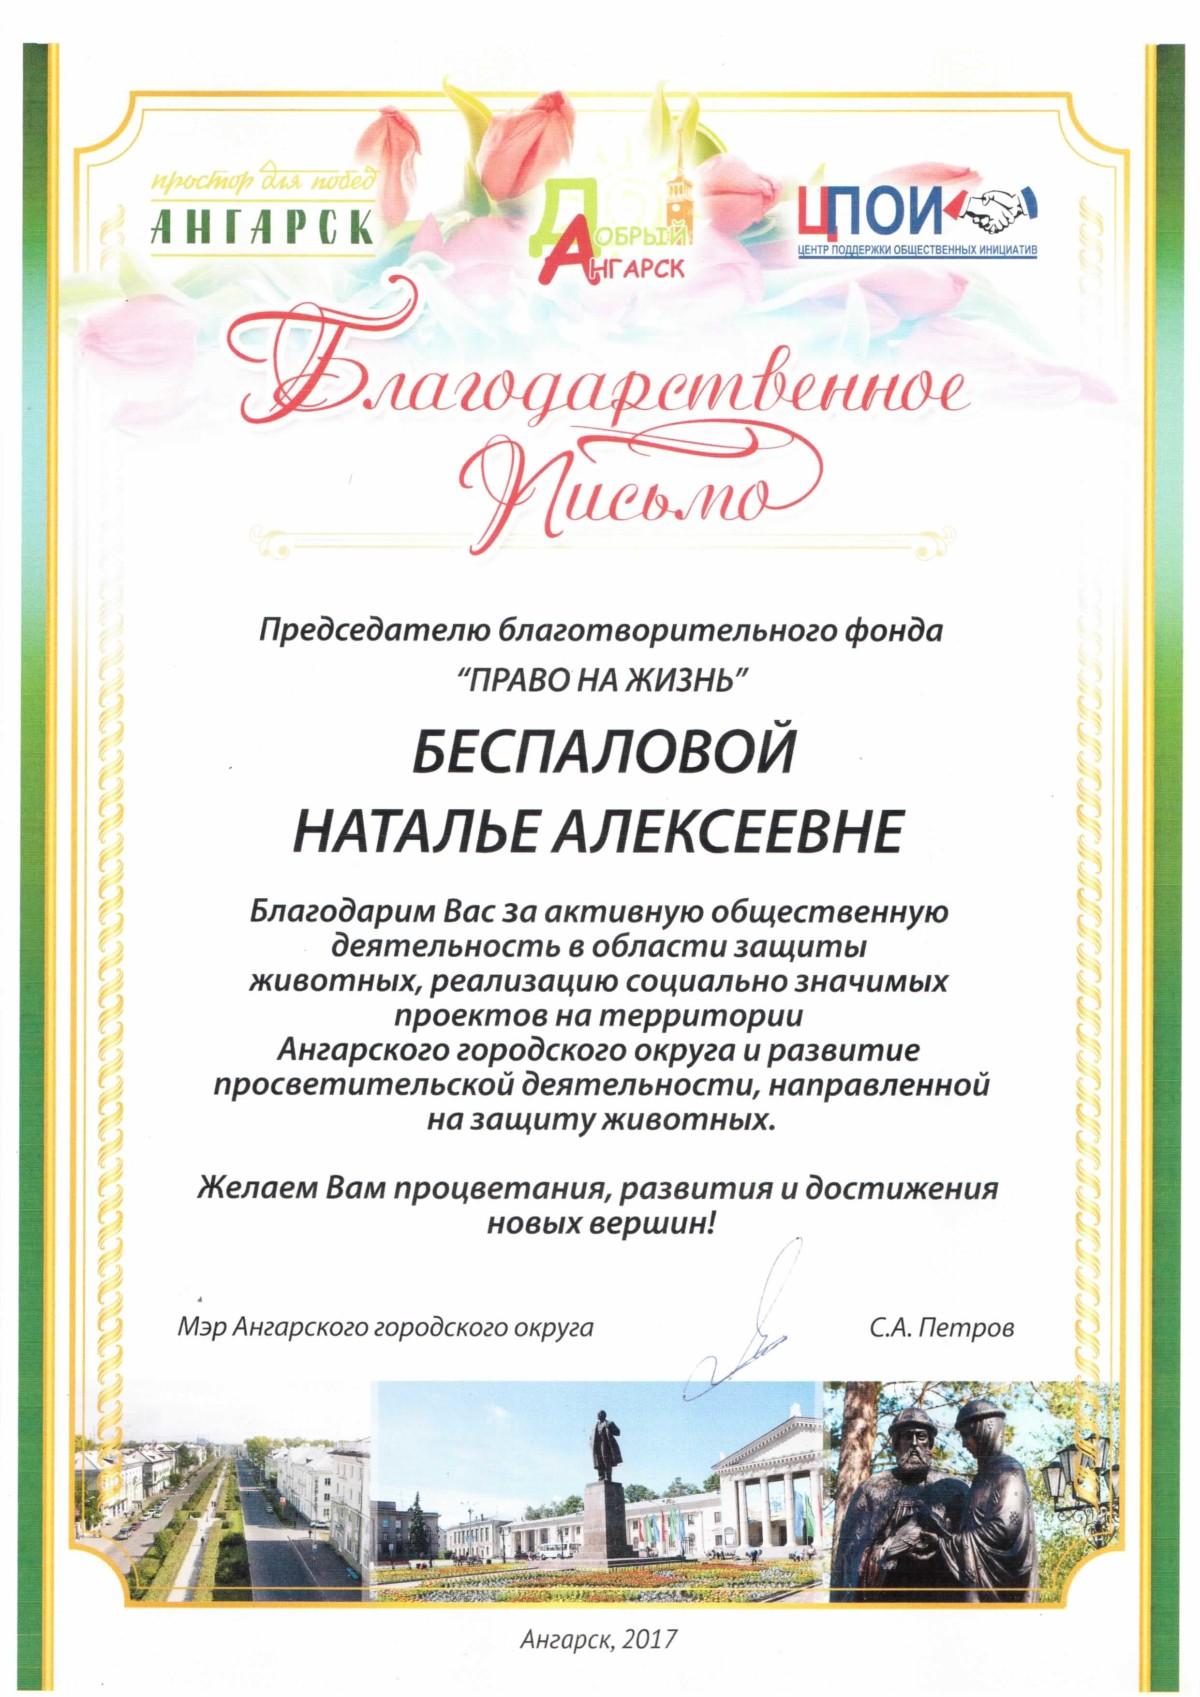 Благодарность мэр АГО Петров 2017 год